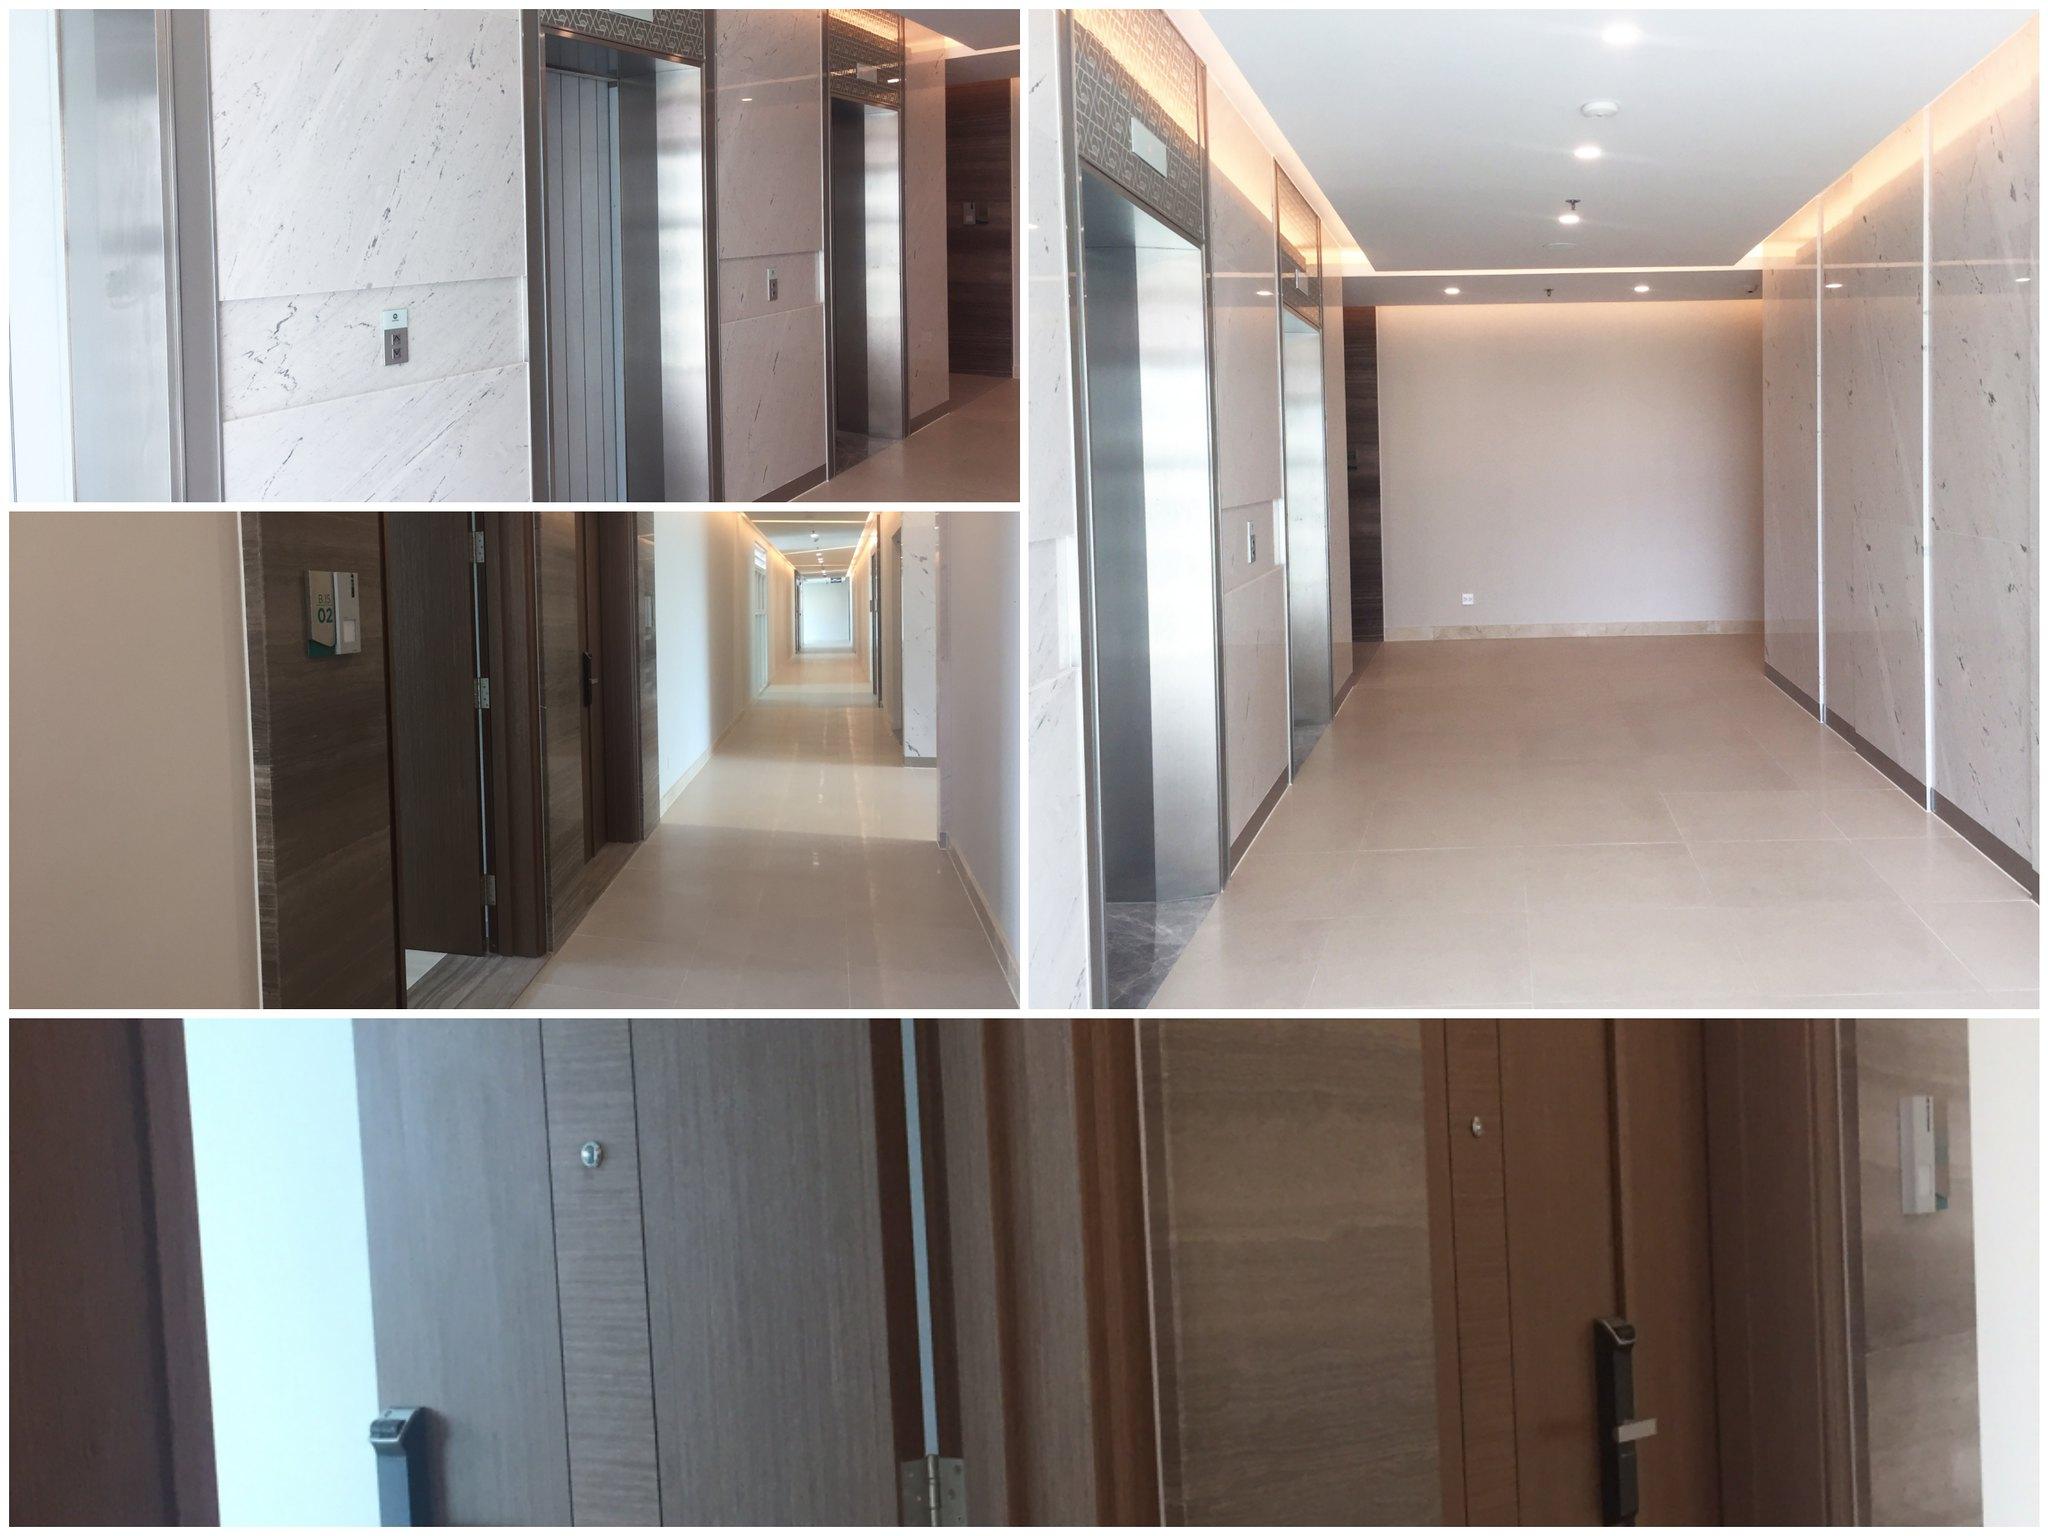 Khu vực sảnh thang máy, hành lang, cửa vào căn hộ. Tất cả được chăm chút thiết kế tỉ mỉ tạo tính sang trọng cho khu căn hộ